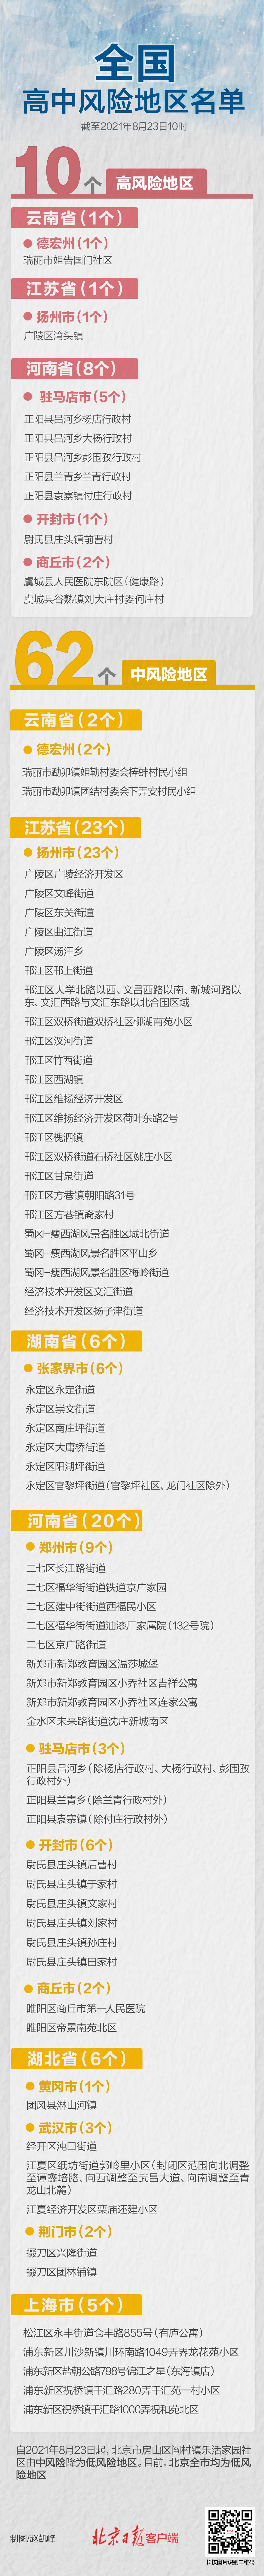 """最新!北京中风险""""清零""""!全国现有高中风险区10+62"""